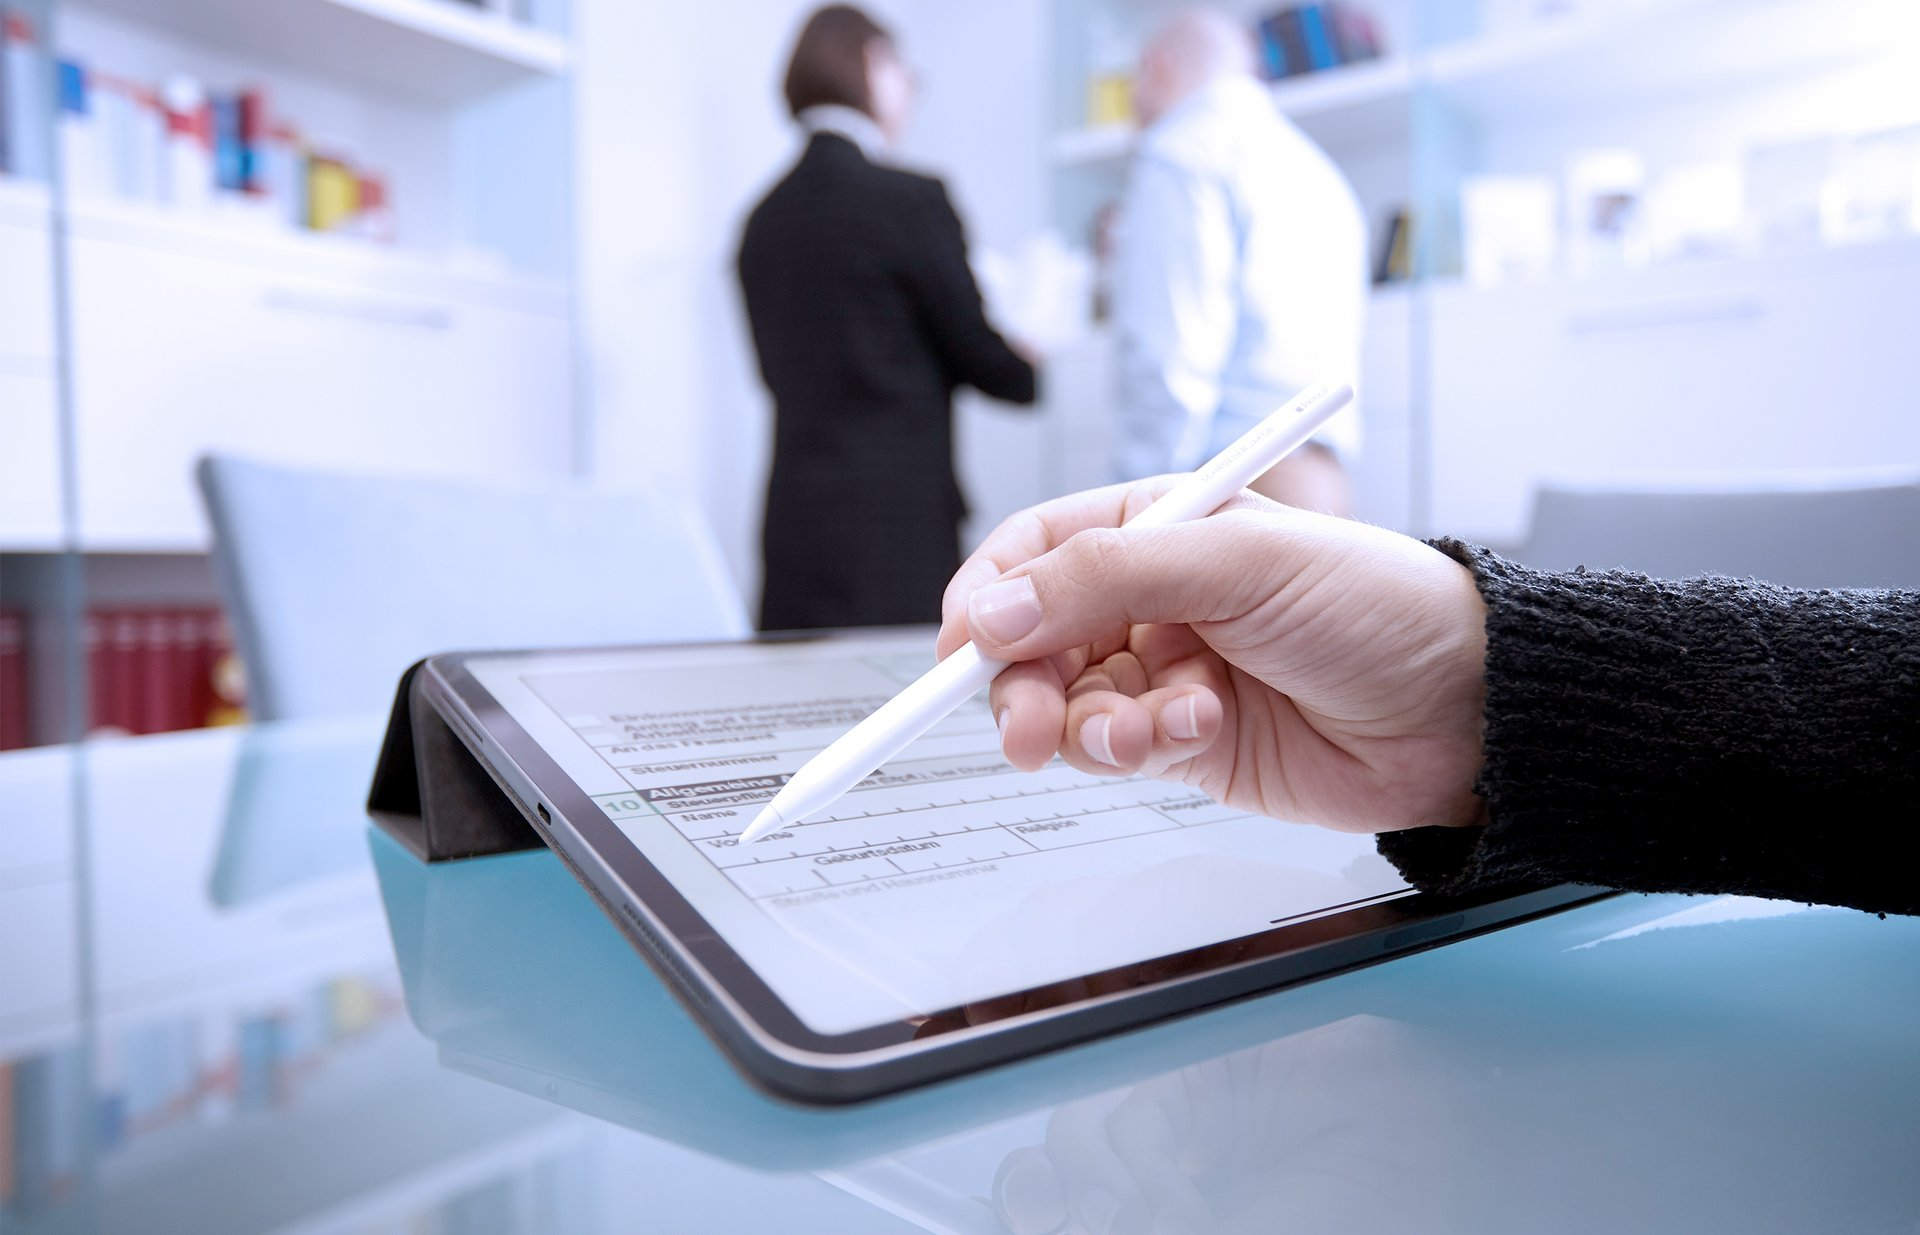 digitale Buchhaltung Steuerbüro Schroeder jakob